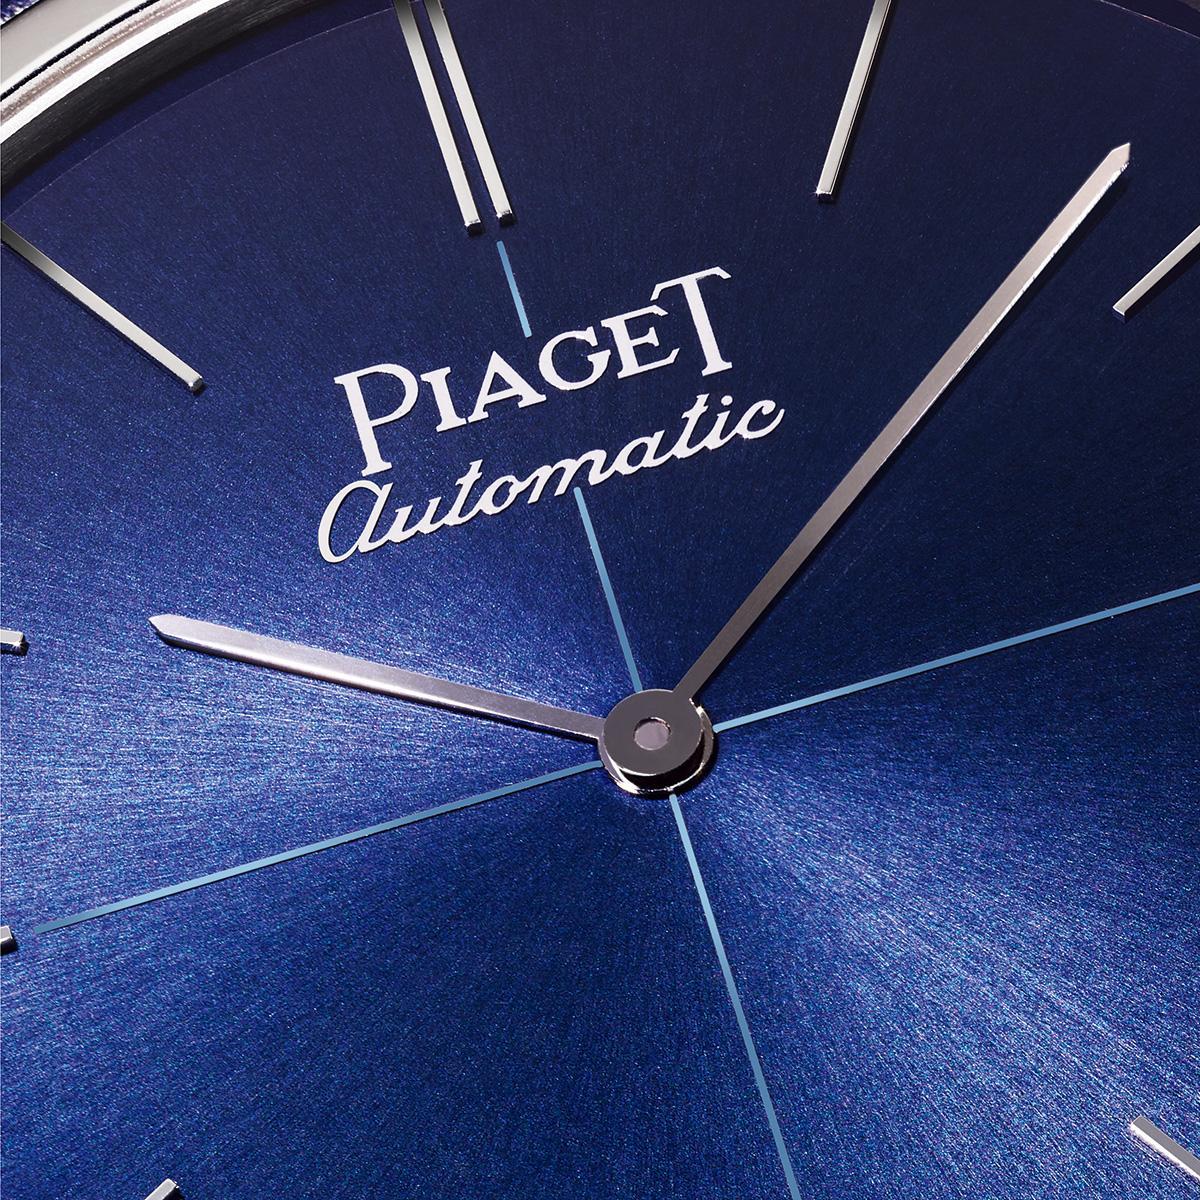 伯爵Altiplano 60周年限量款,藍色面盤與十字線條裝飾之外,自動上鍊款式的automatic字樣還用書寫體呈現,呼應初代錶款風貌。